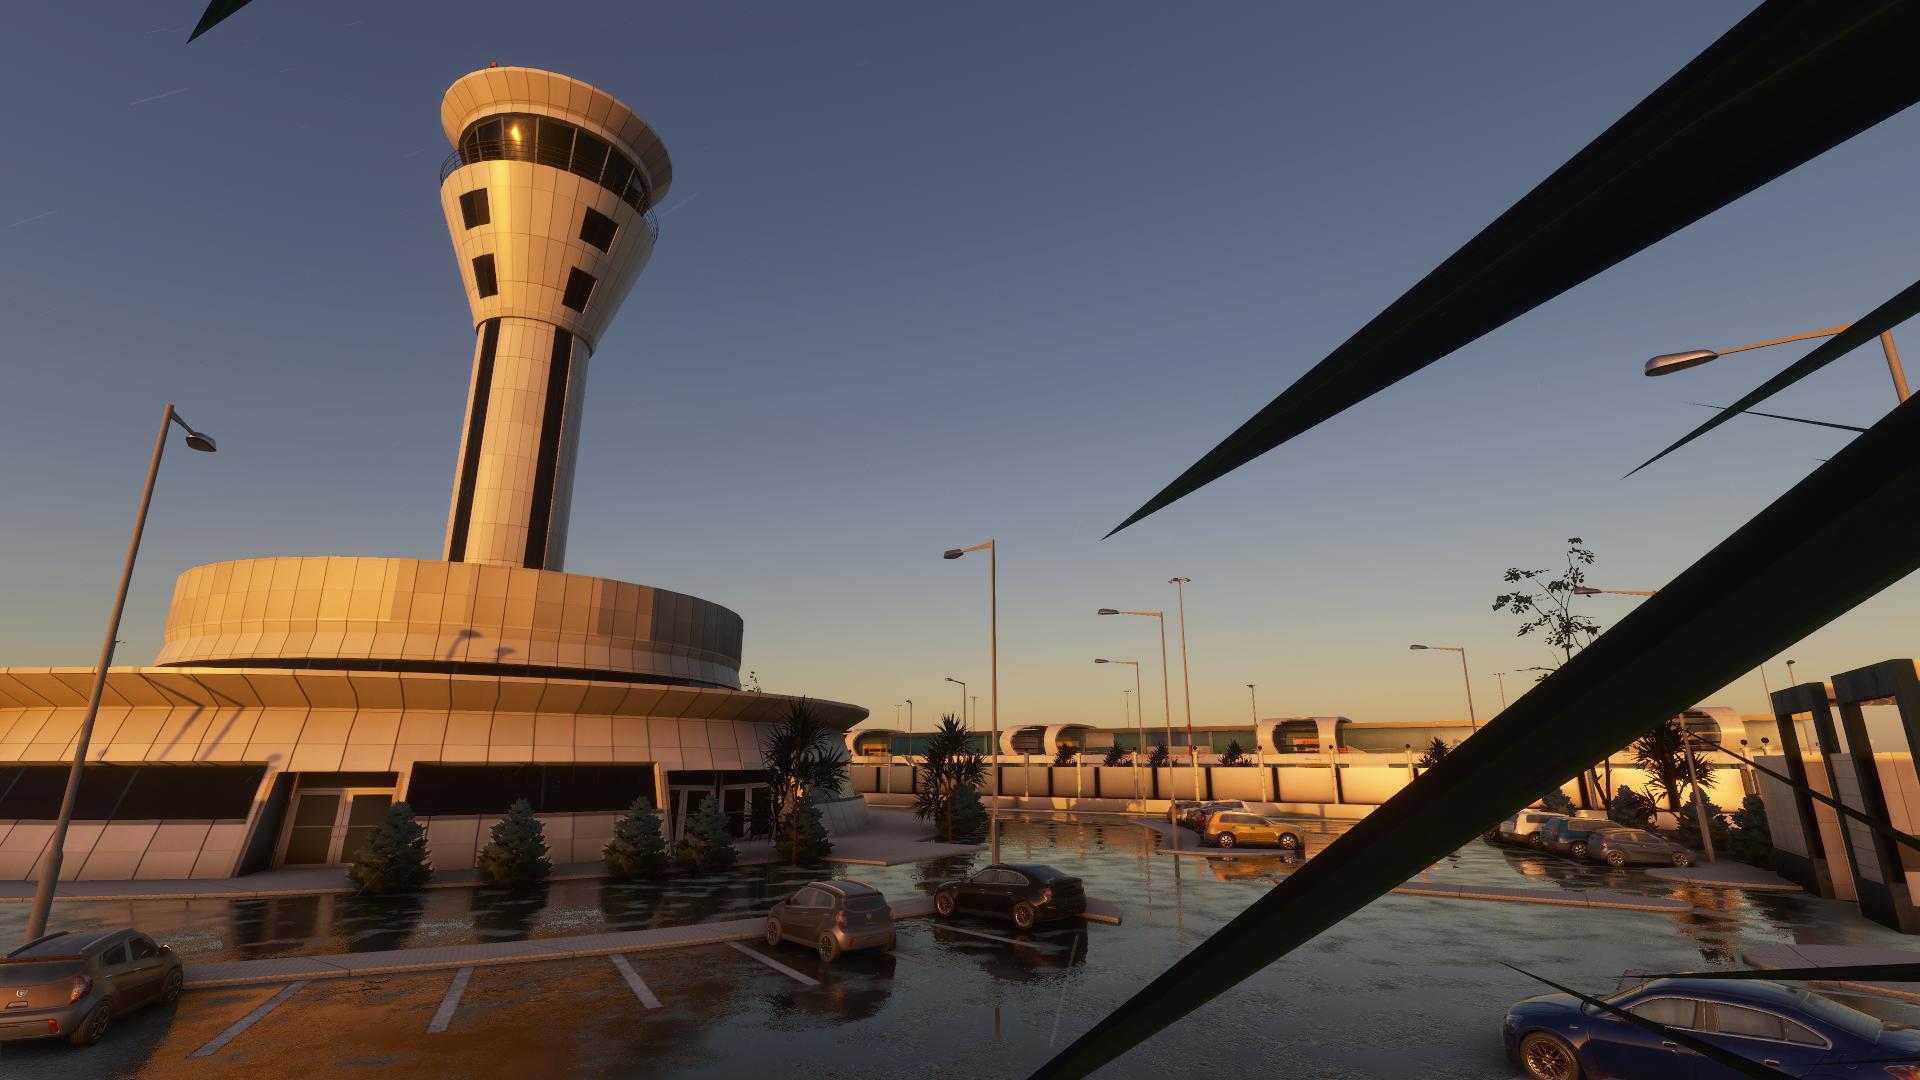 FlightSimulator 2020-09-08 22-25-03-37.png